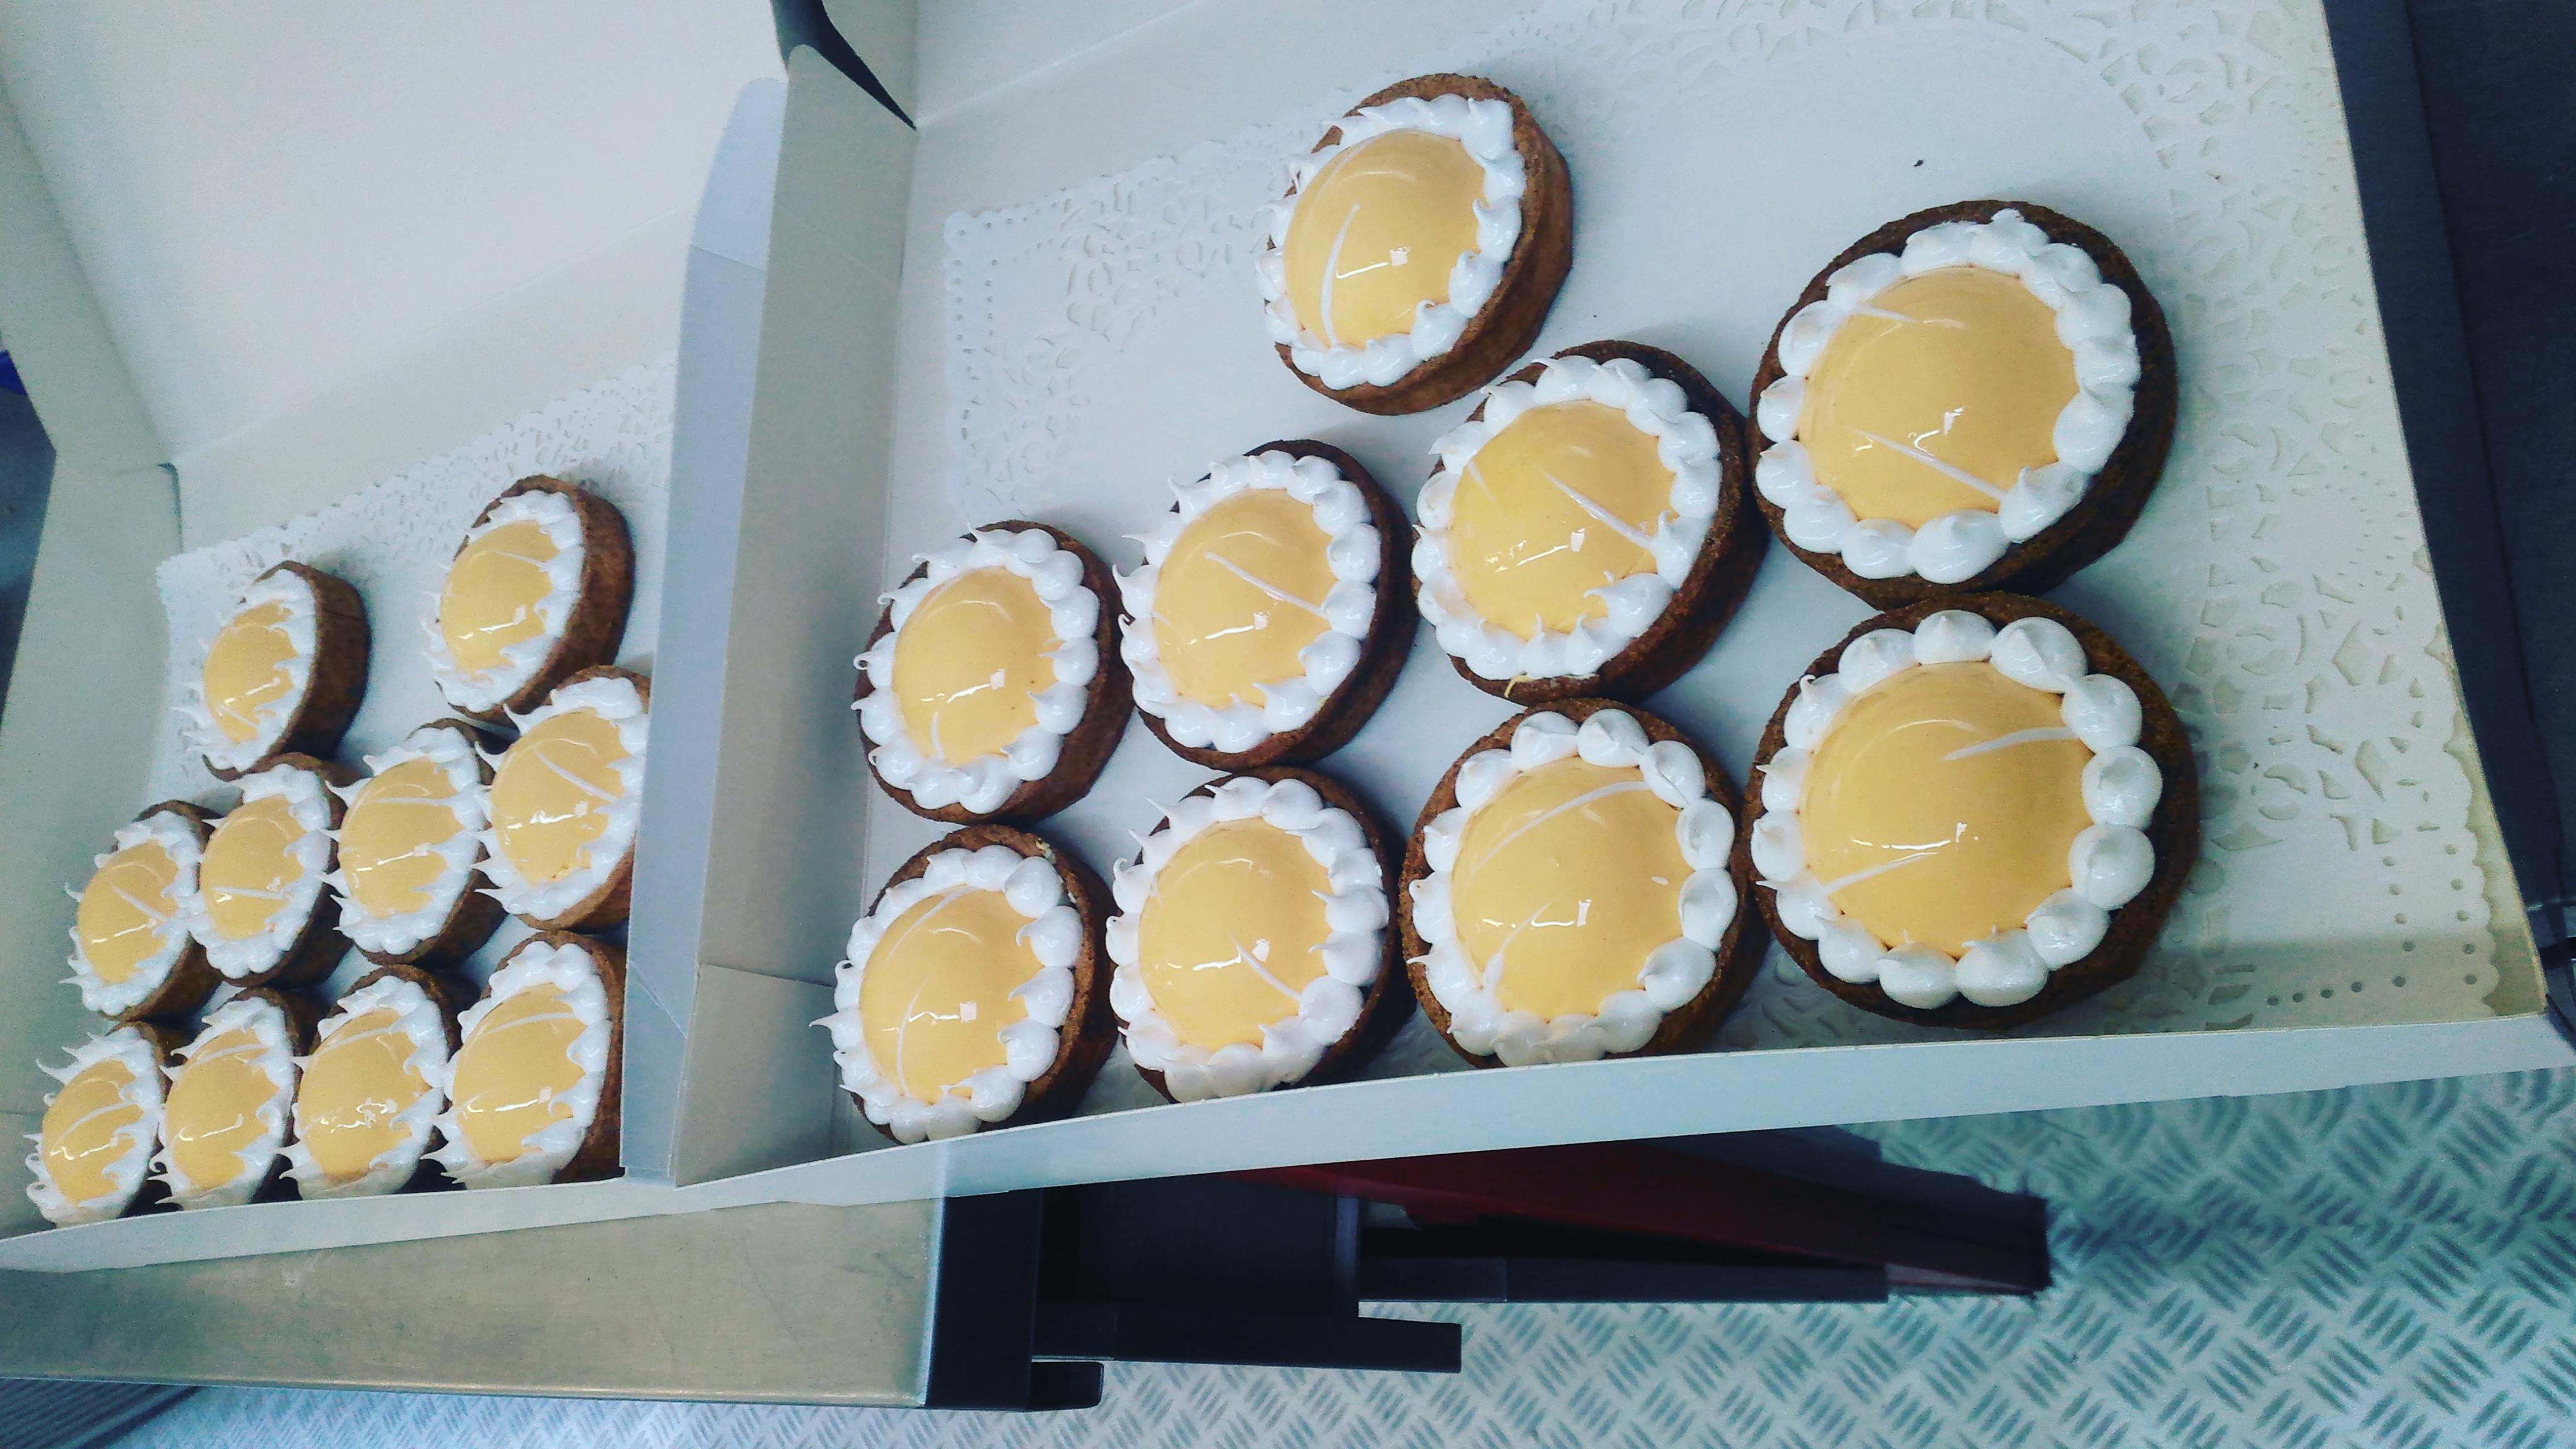 tarte citron au chaudron food truck